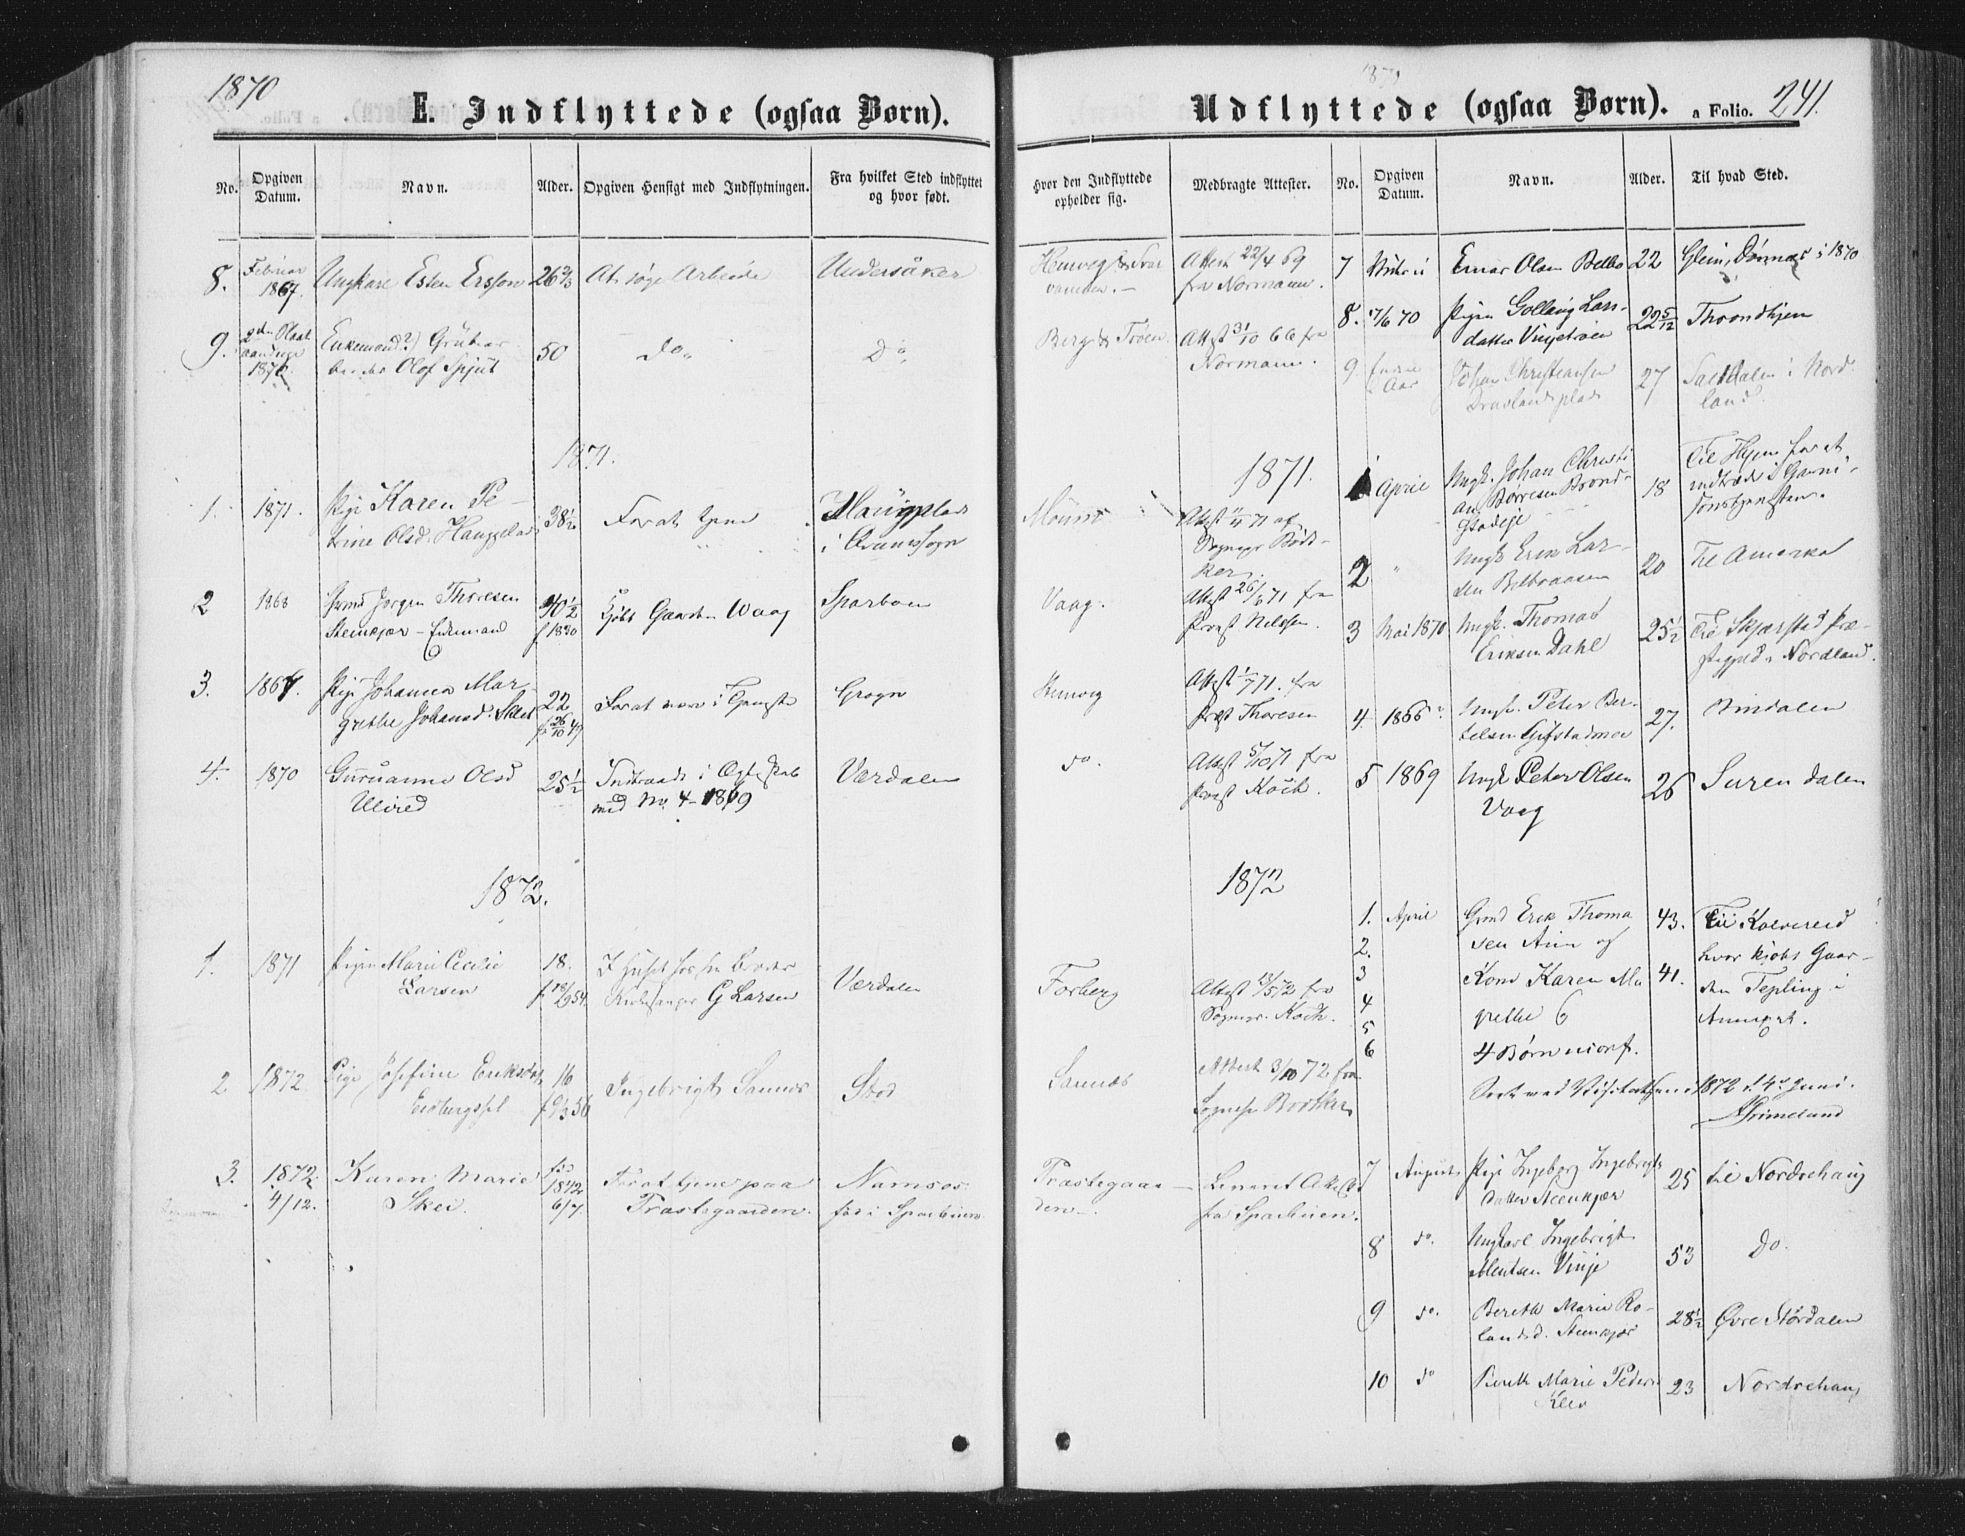 SAT, Ministerialprotokoller, klokkerbøker og fødselsregistre - Nord-Trøndelag, 749/L0472: Ministerialbok nr. 749A06, 1857-1873, s. 241